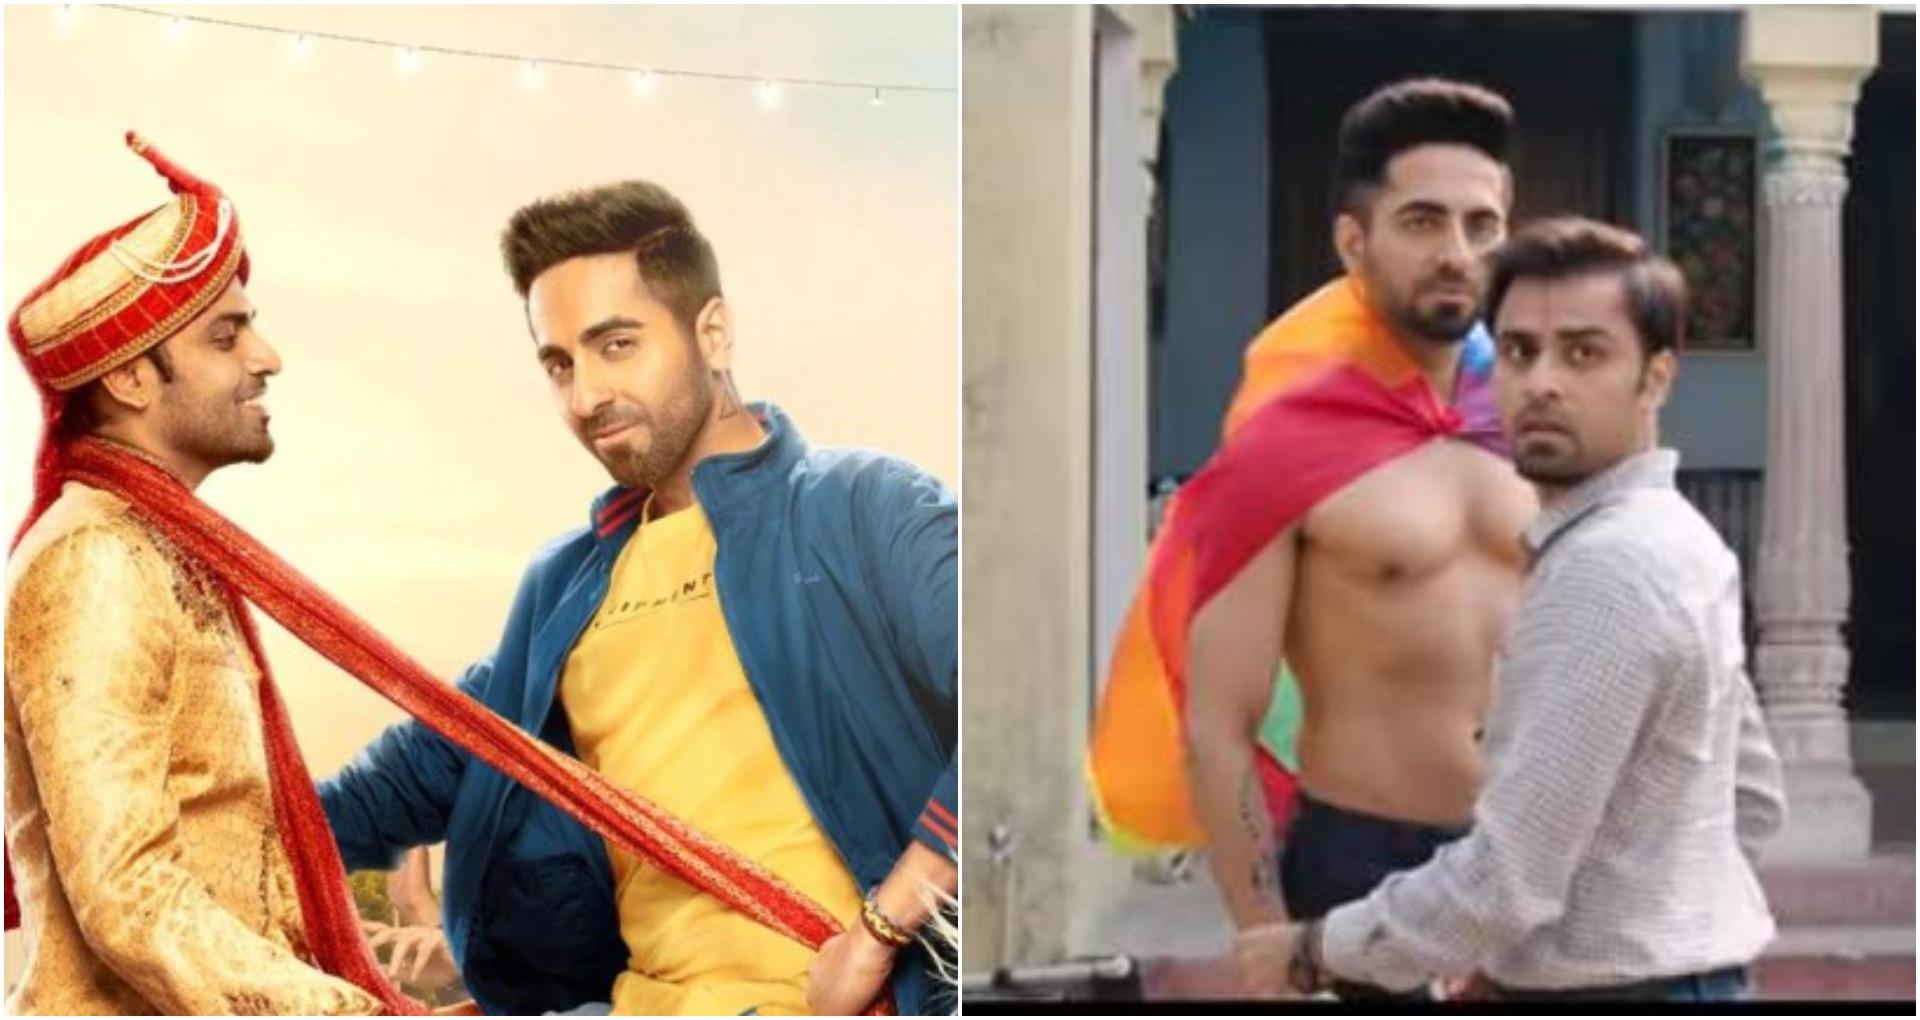 Shubh Mangal Zyada Saavdhan Trailer: कॉमेडी, ड्रामा, गे लव स्टोरी के बारे में हैआयुष्मान खुराना की फिल्म